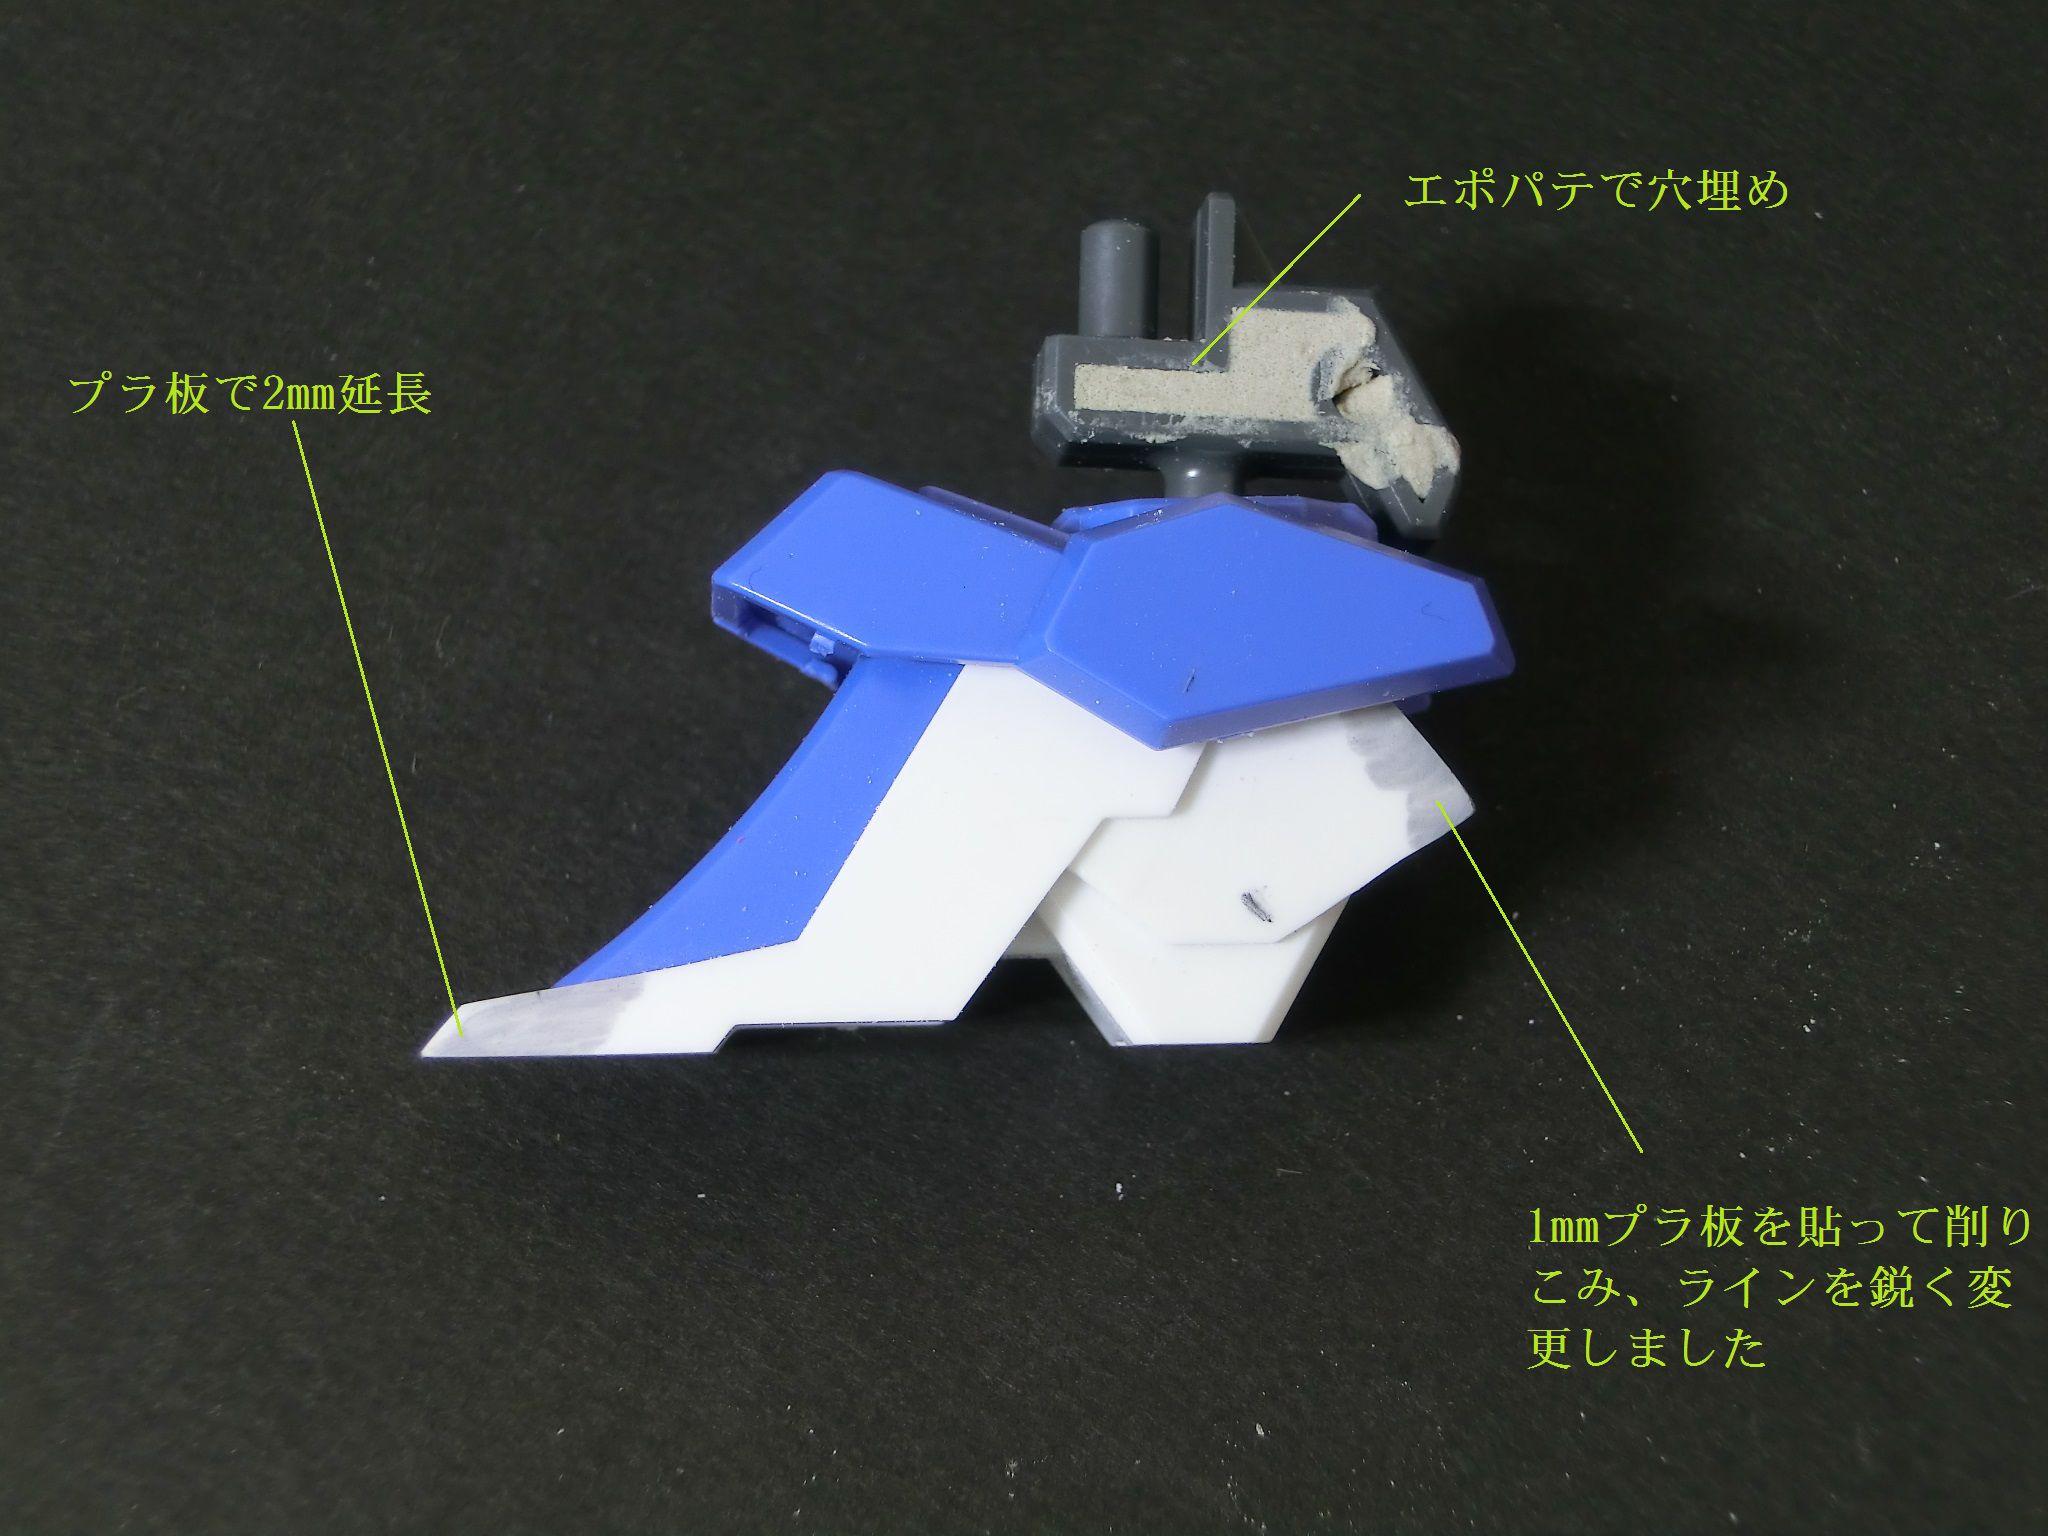 MG0394.jpg